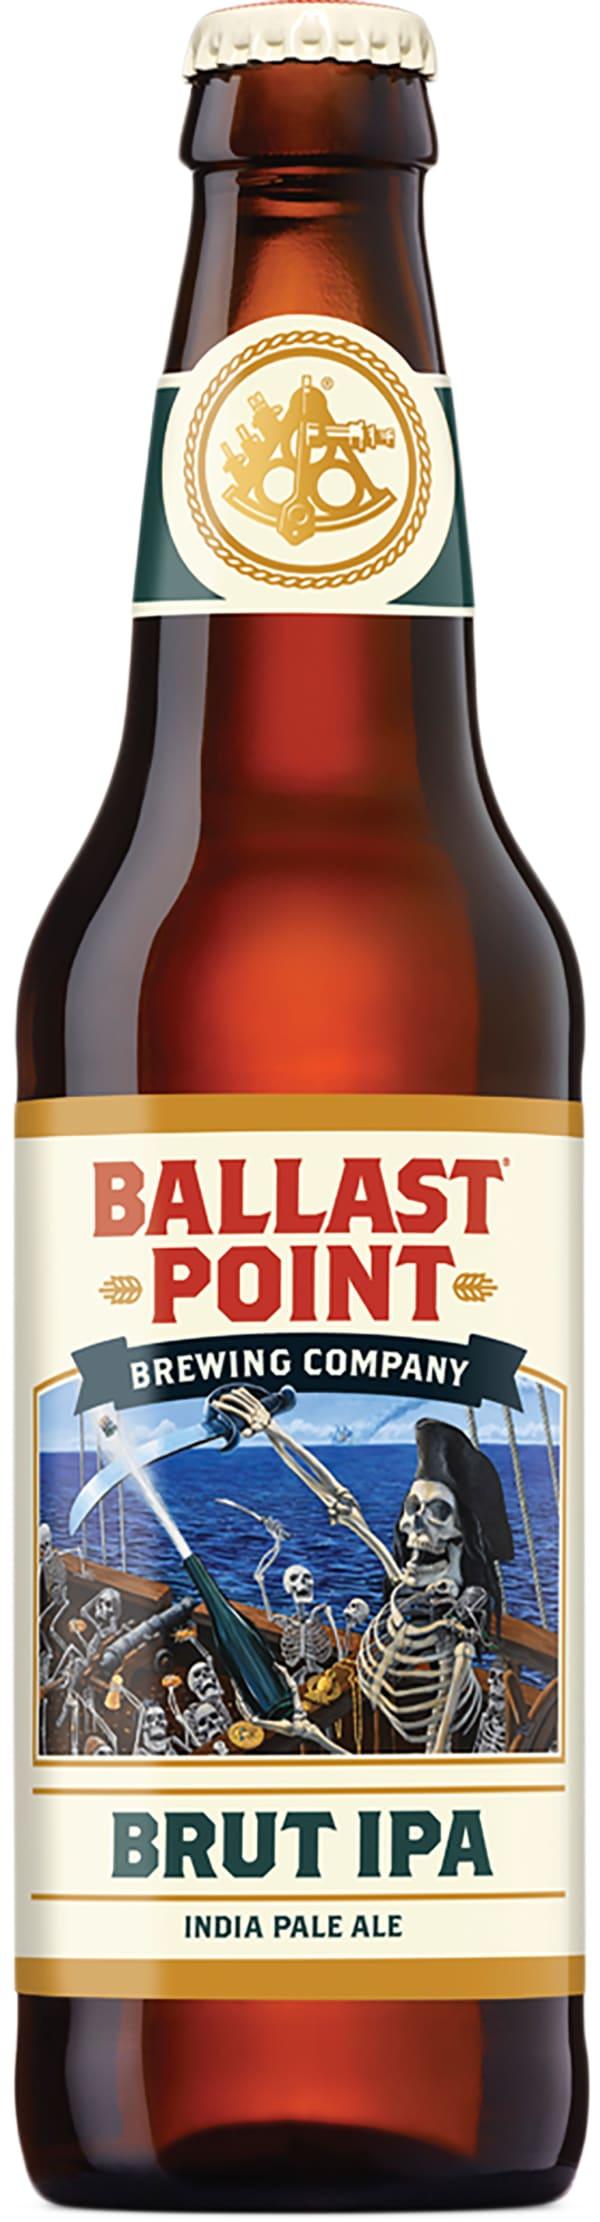 Ballast Point Brut IPA